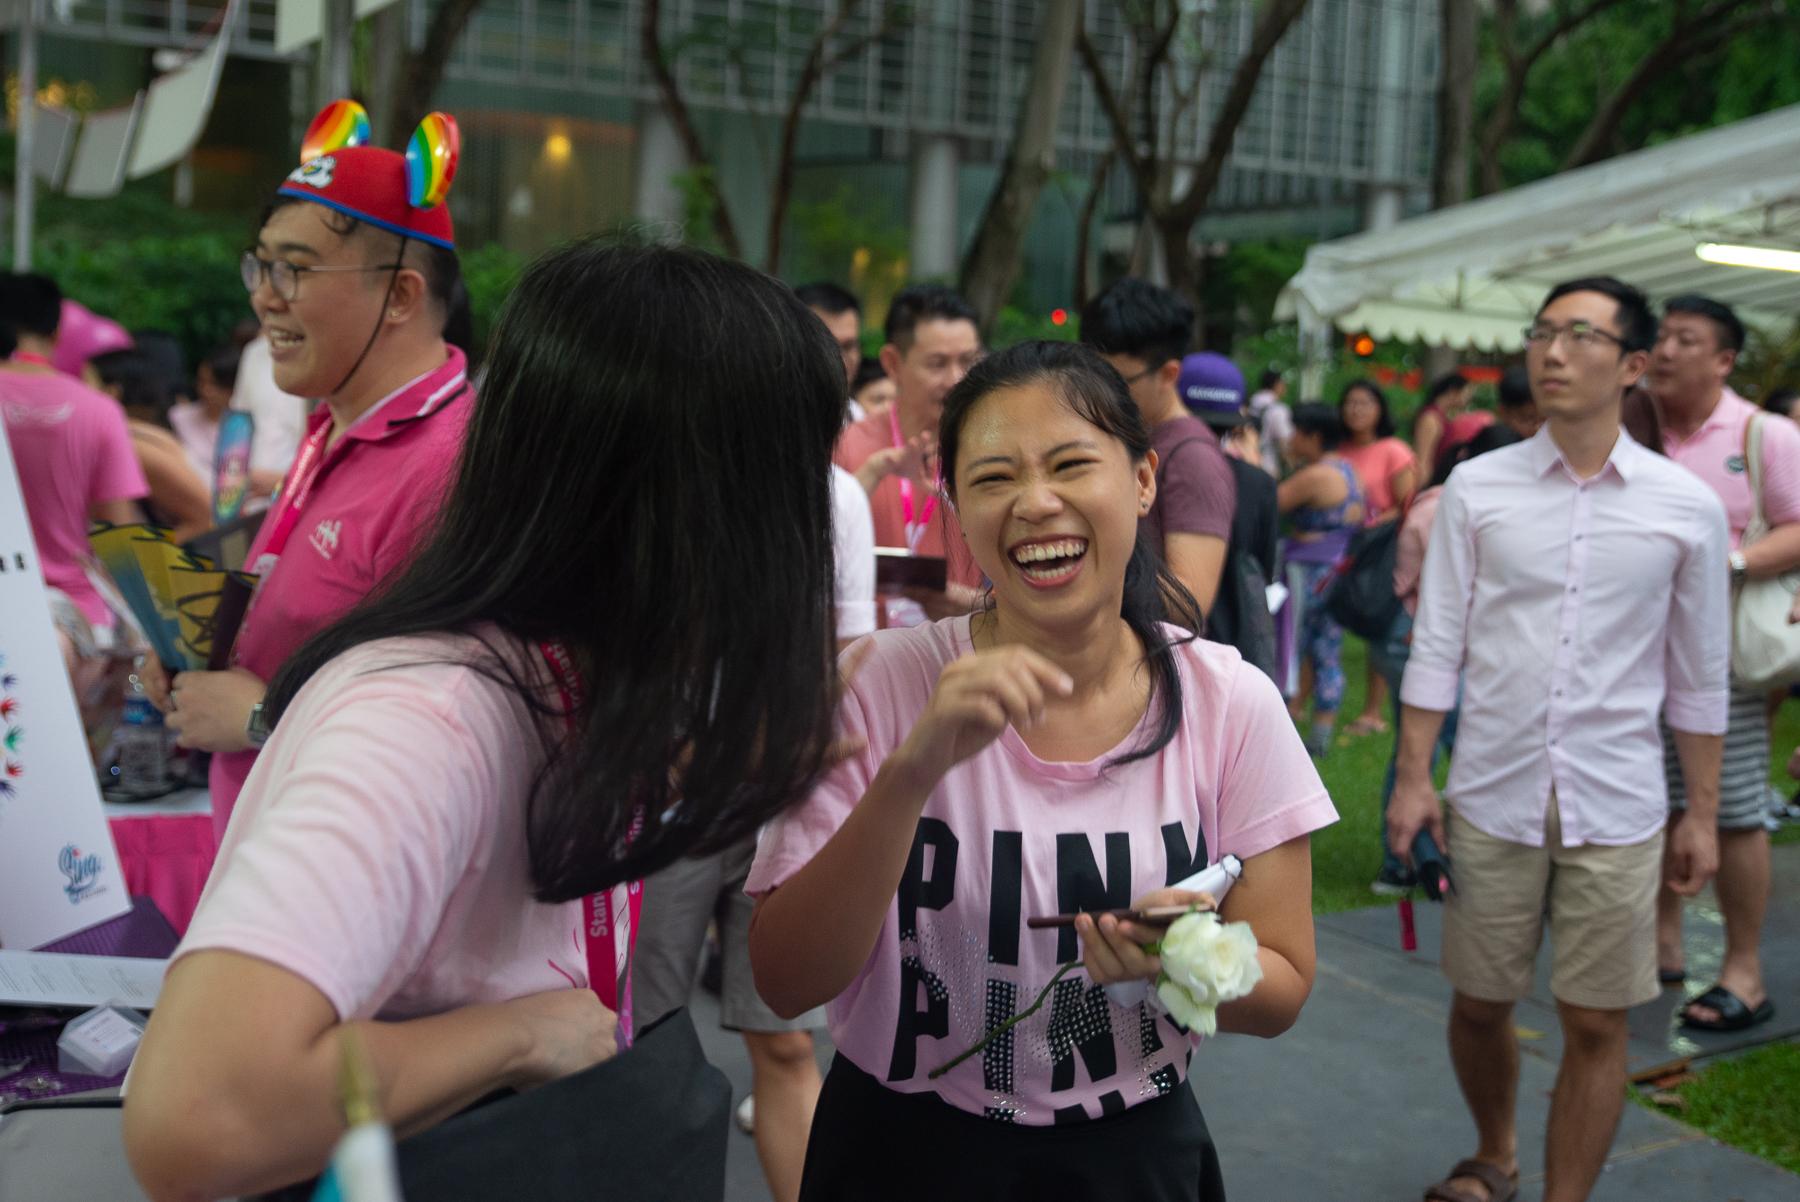 PinkDot-2019-9465.jpg